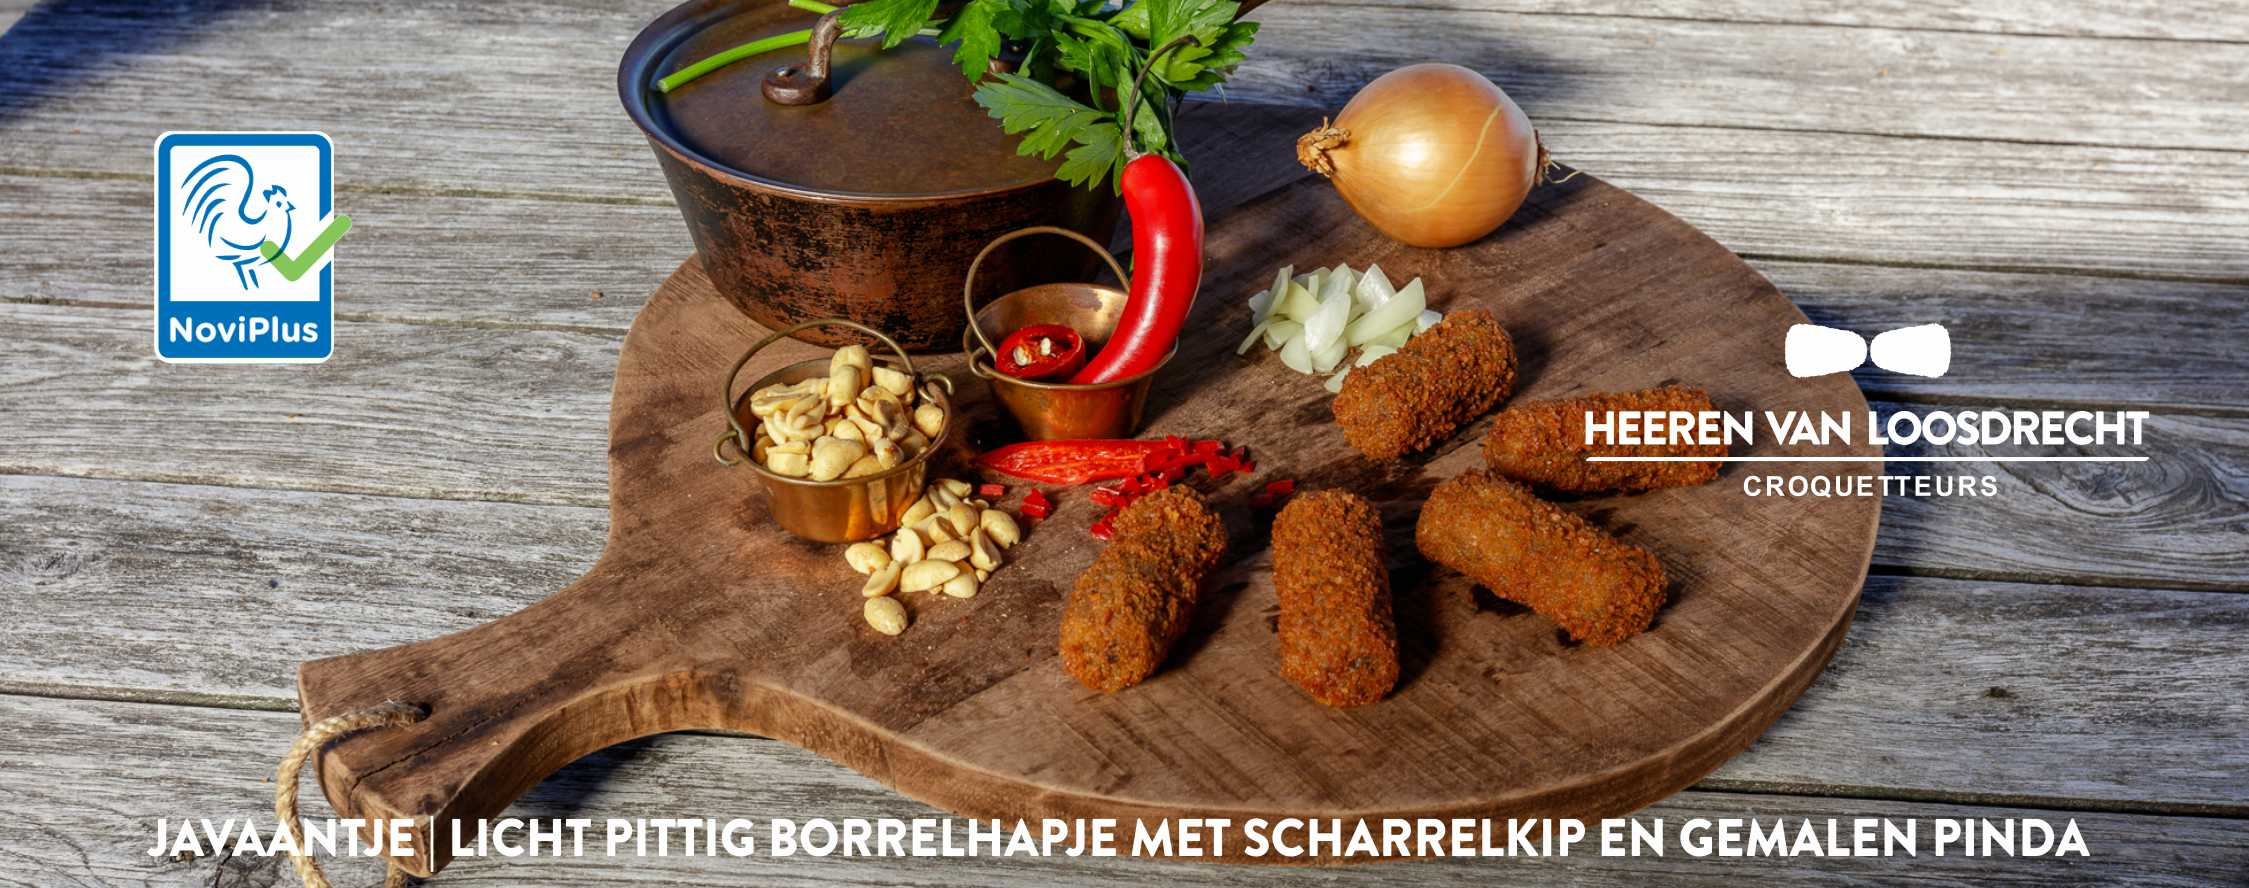 Heeren van Loosdrecht - Javaantje - Slider 2250px